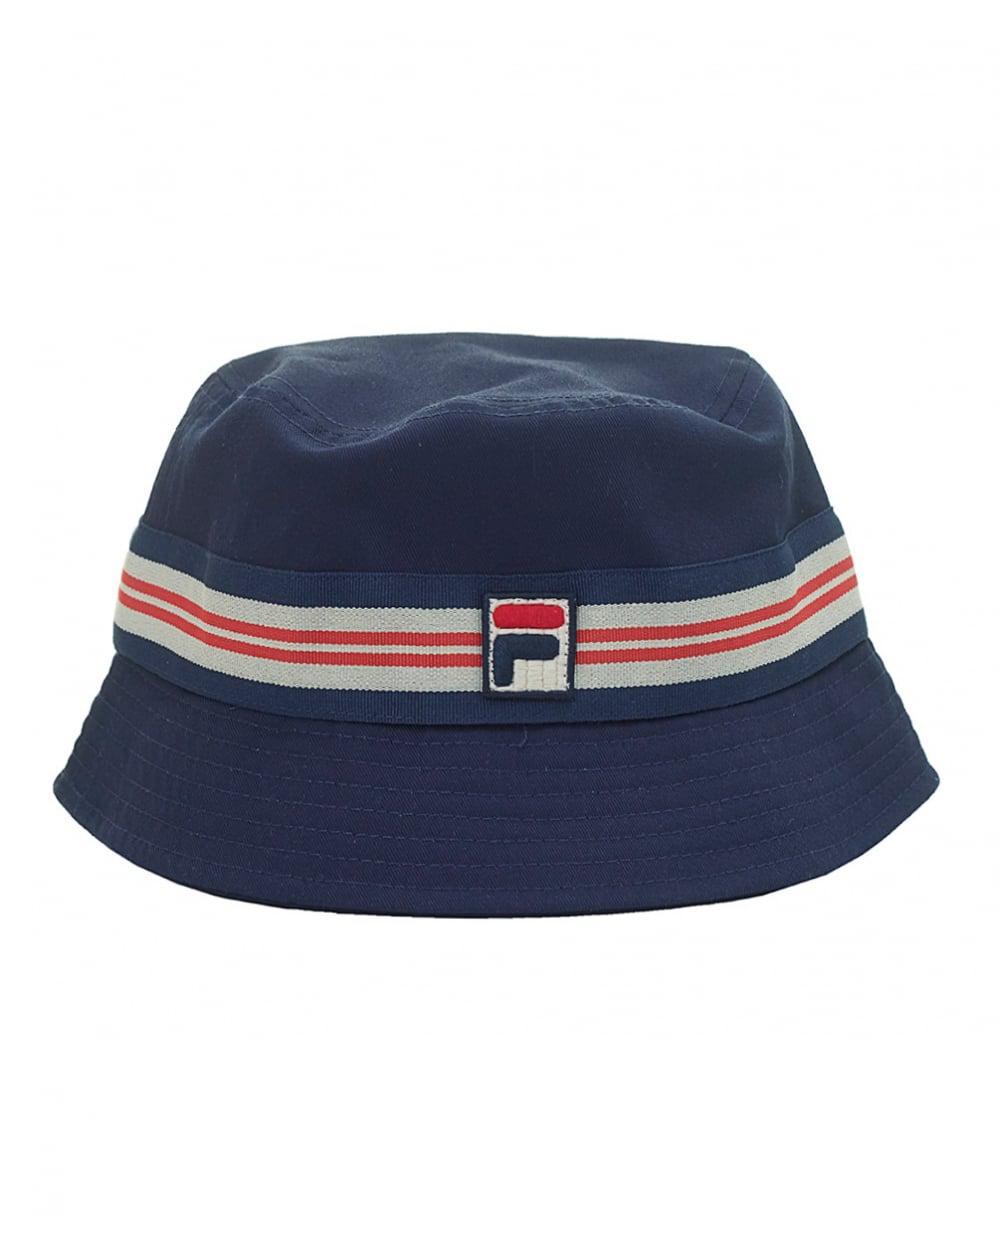 1571f8eae55 Fila Vintage Bucket Hat in Blue for Men - Lyst